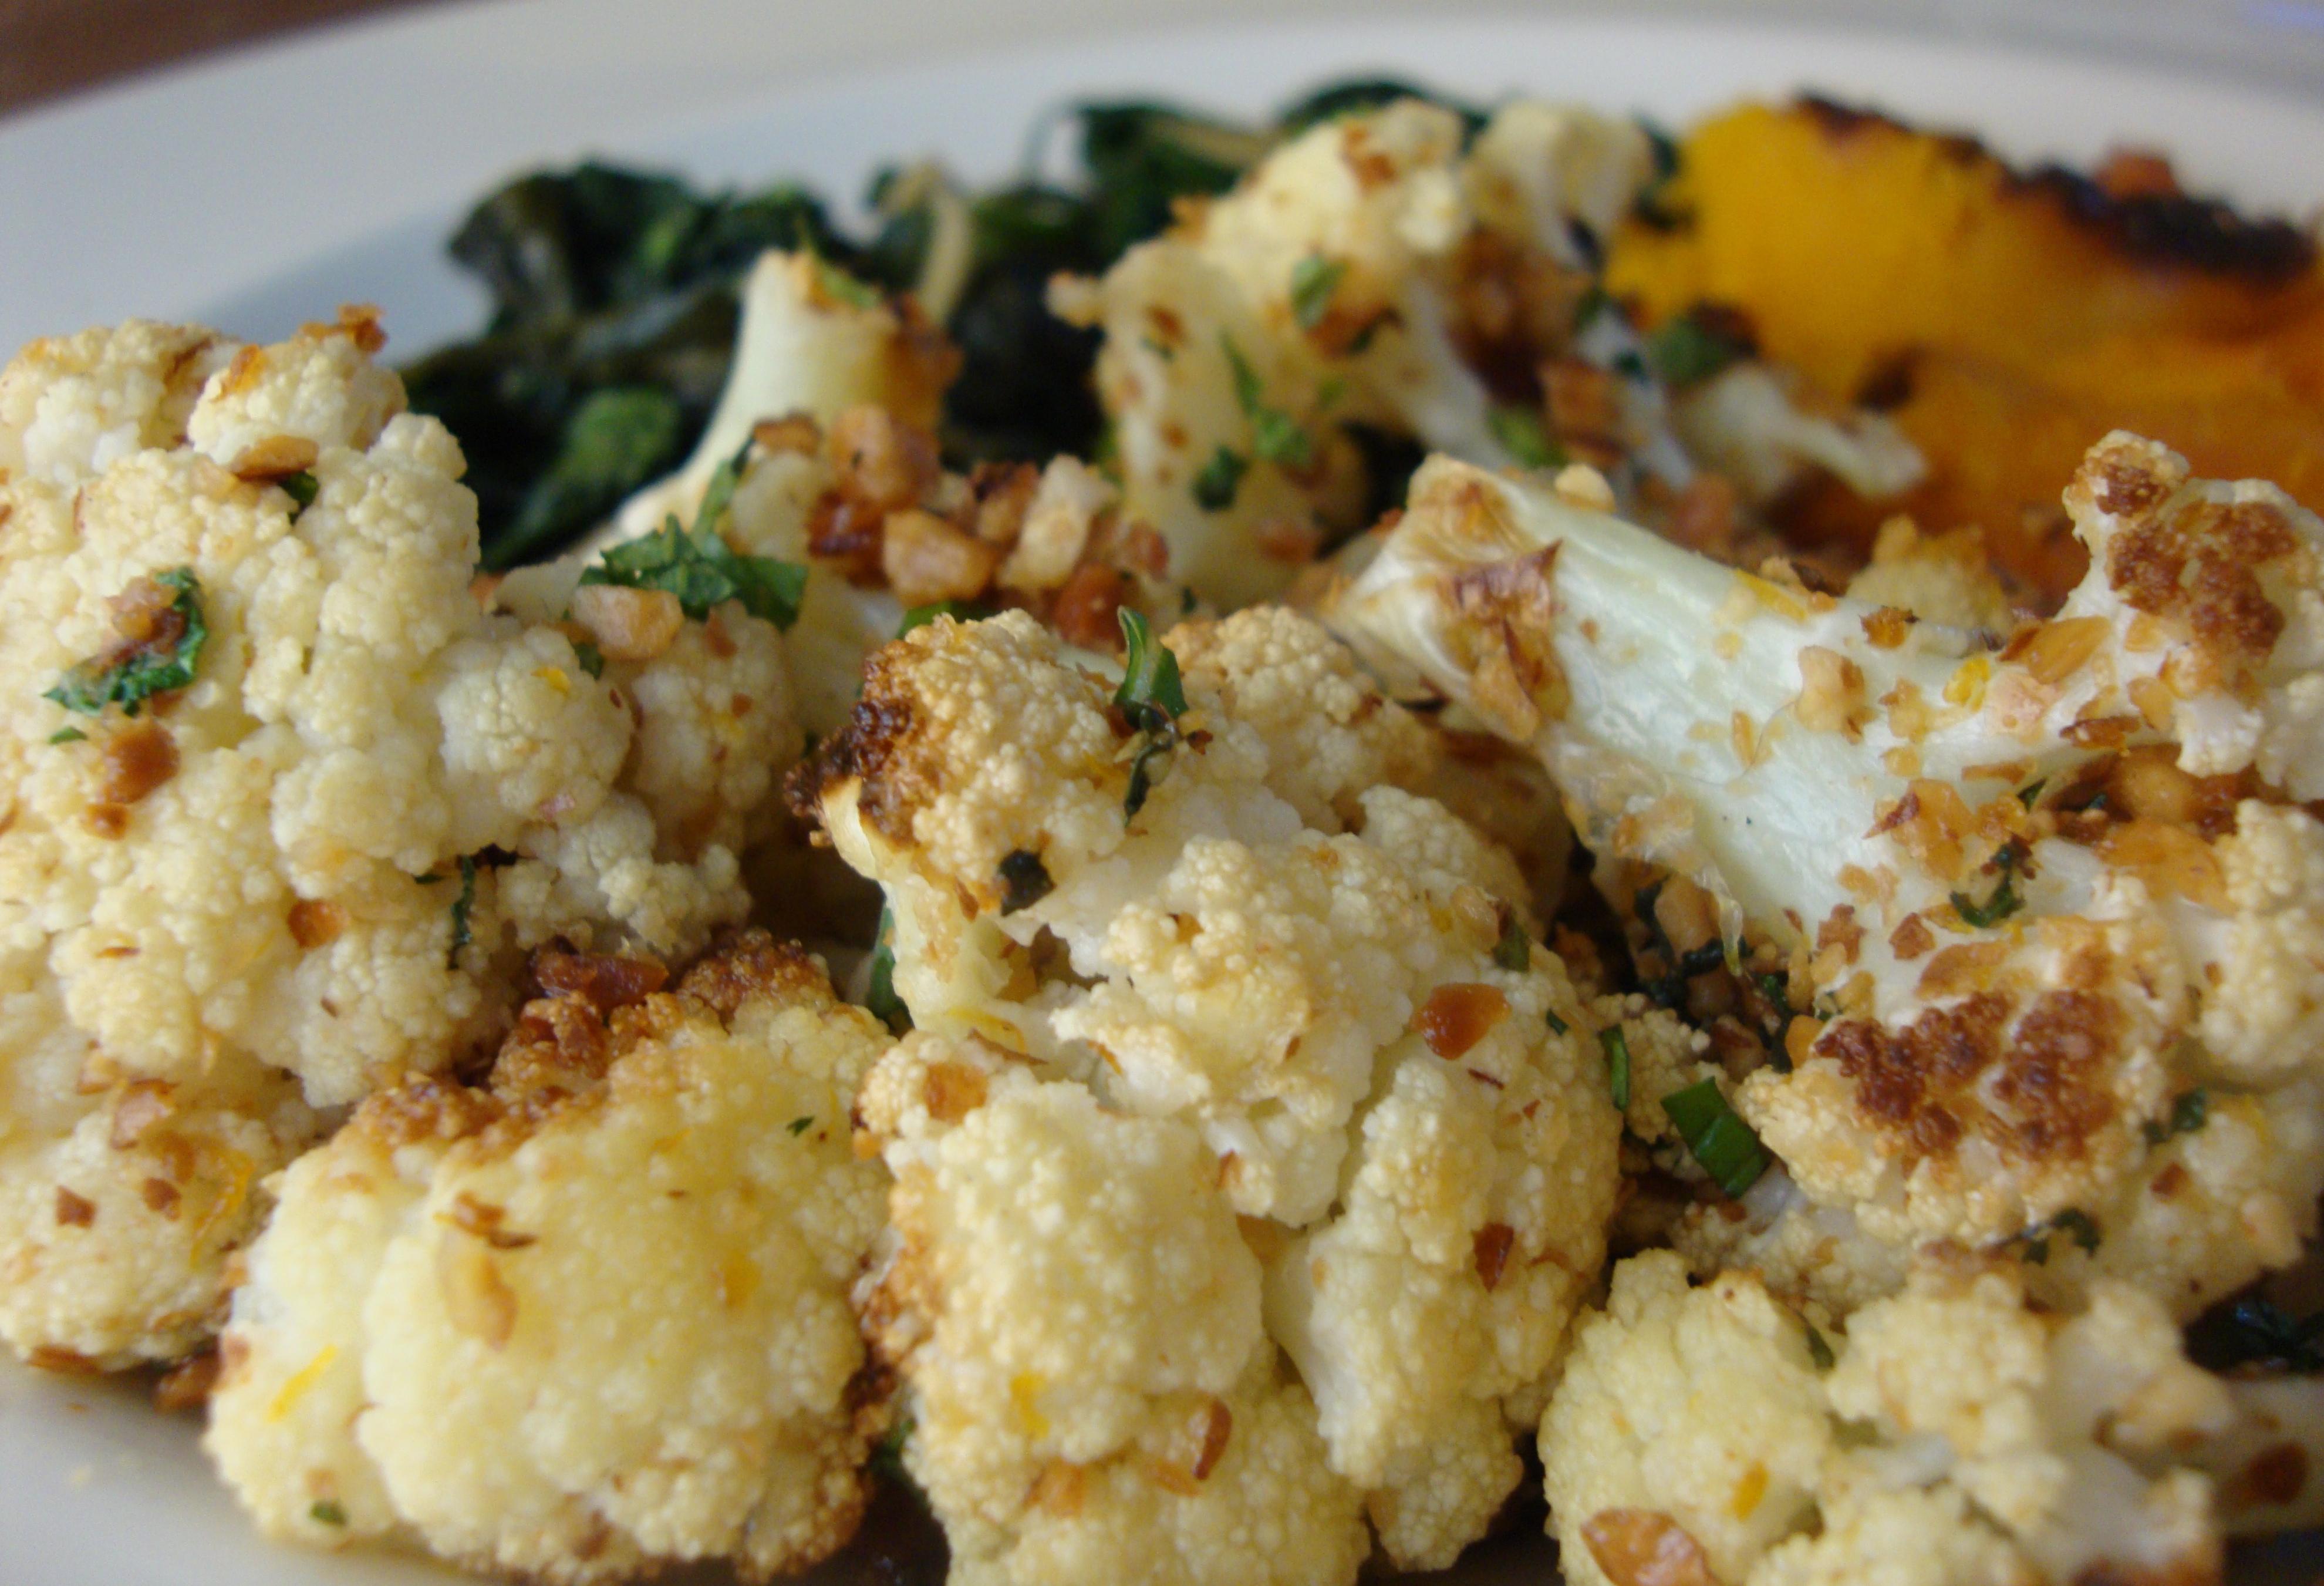 Roasted Cauliflower with Gremolata Bread Crumbs (gluten-free